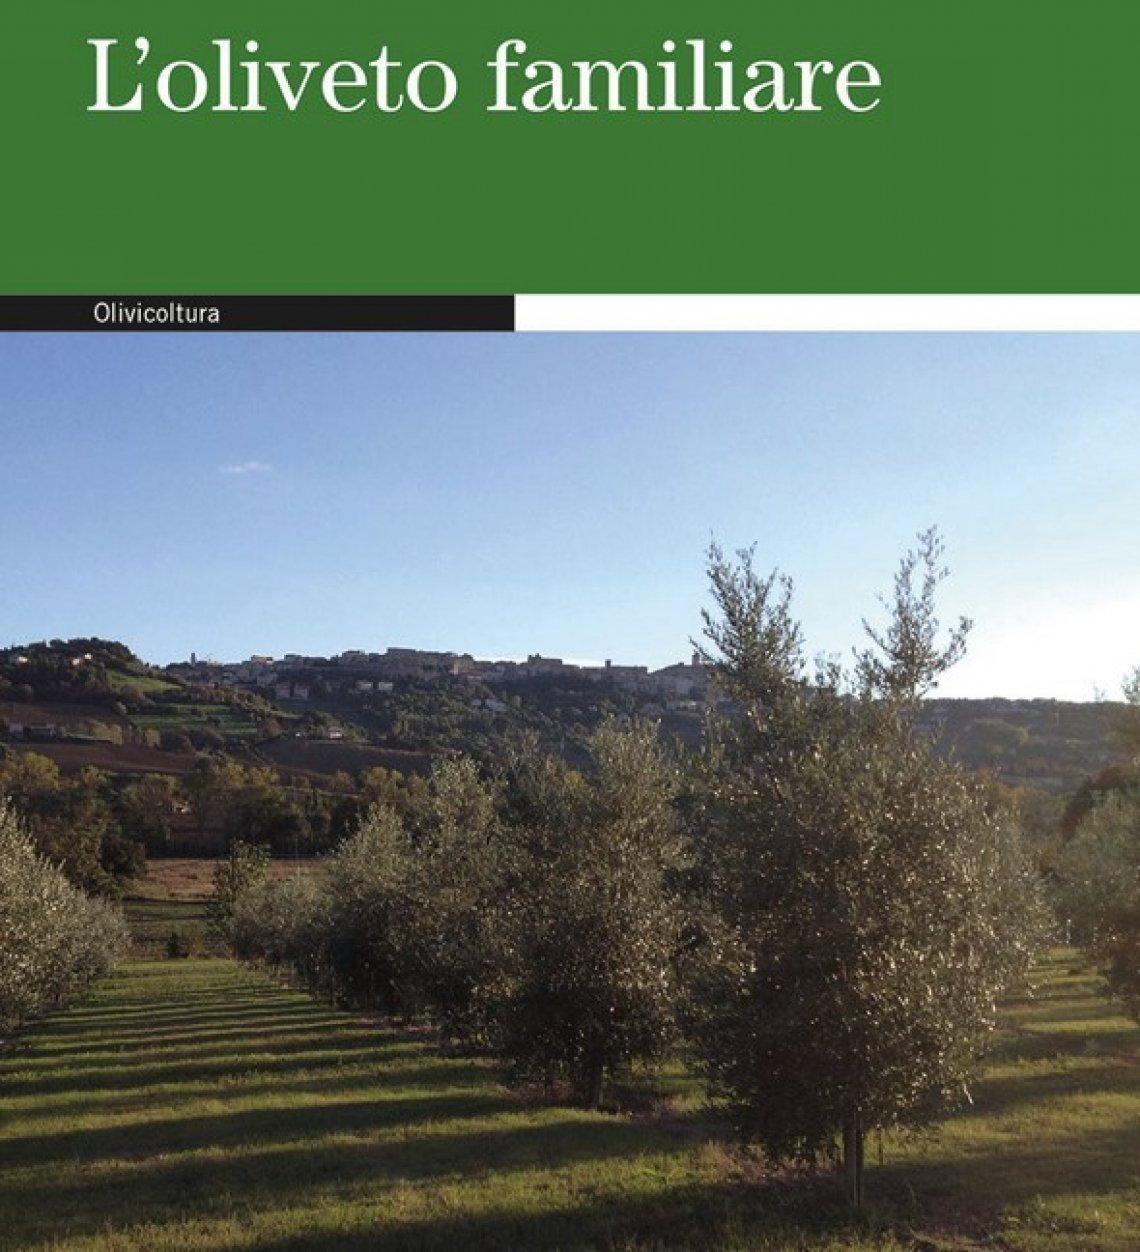 I segreti per un oliveto familiare perfetto